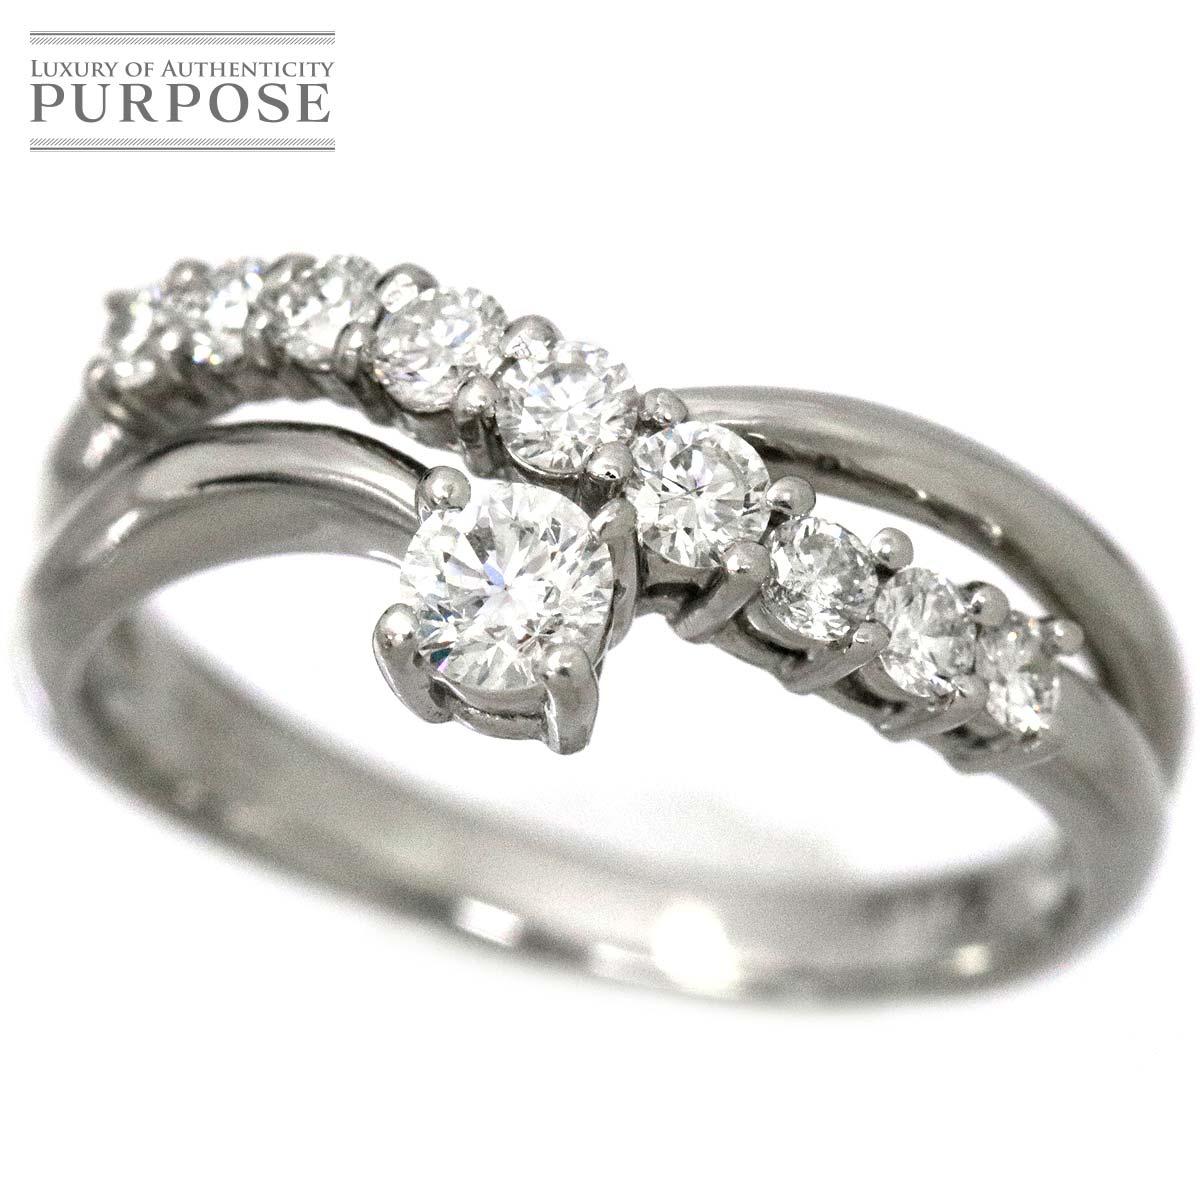 【新品仕上げ】 ダイヤ 0.50ct Pt プラチナ リング 12号 ダイア 指輪 【中古】